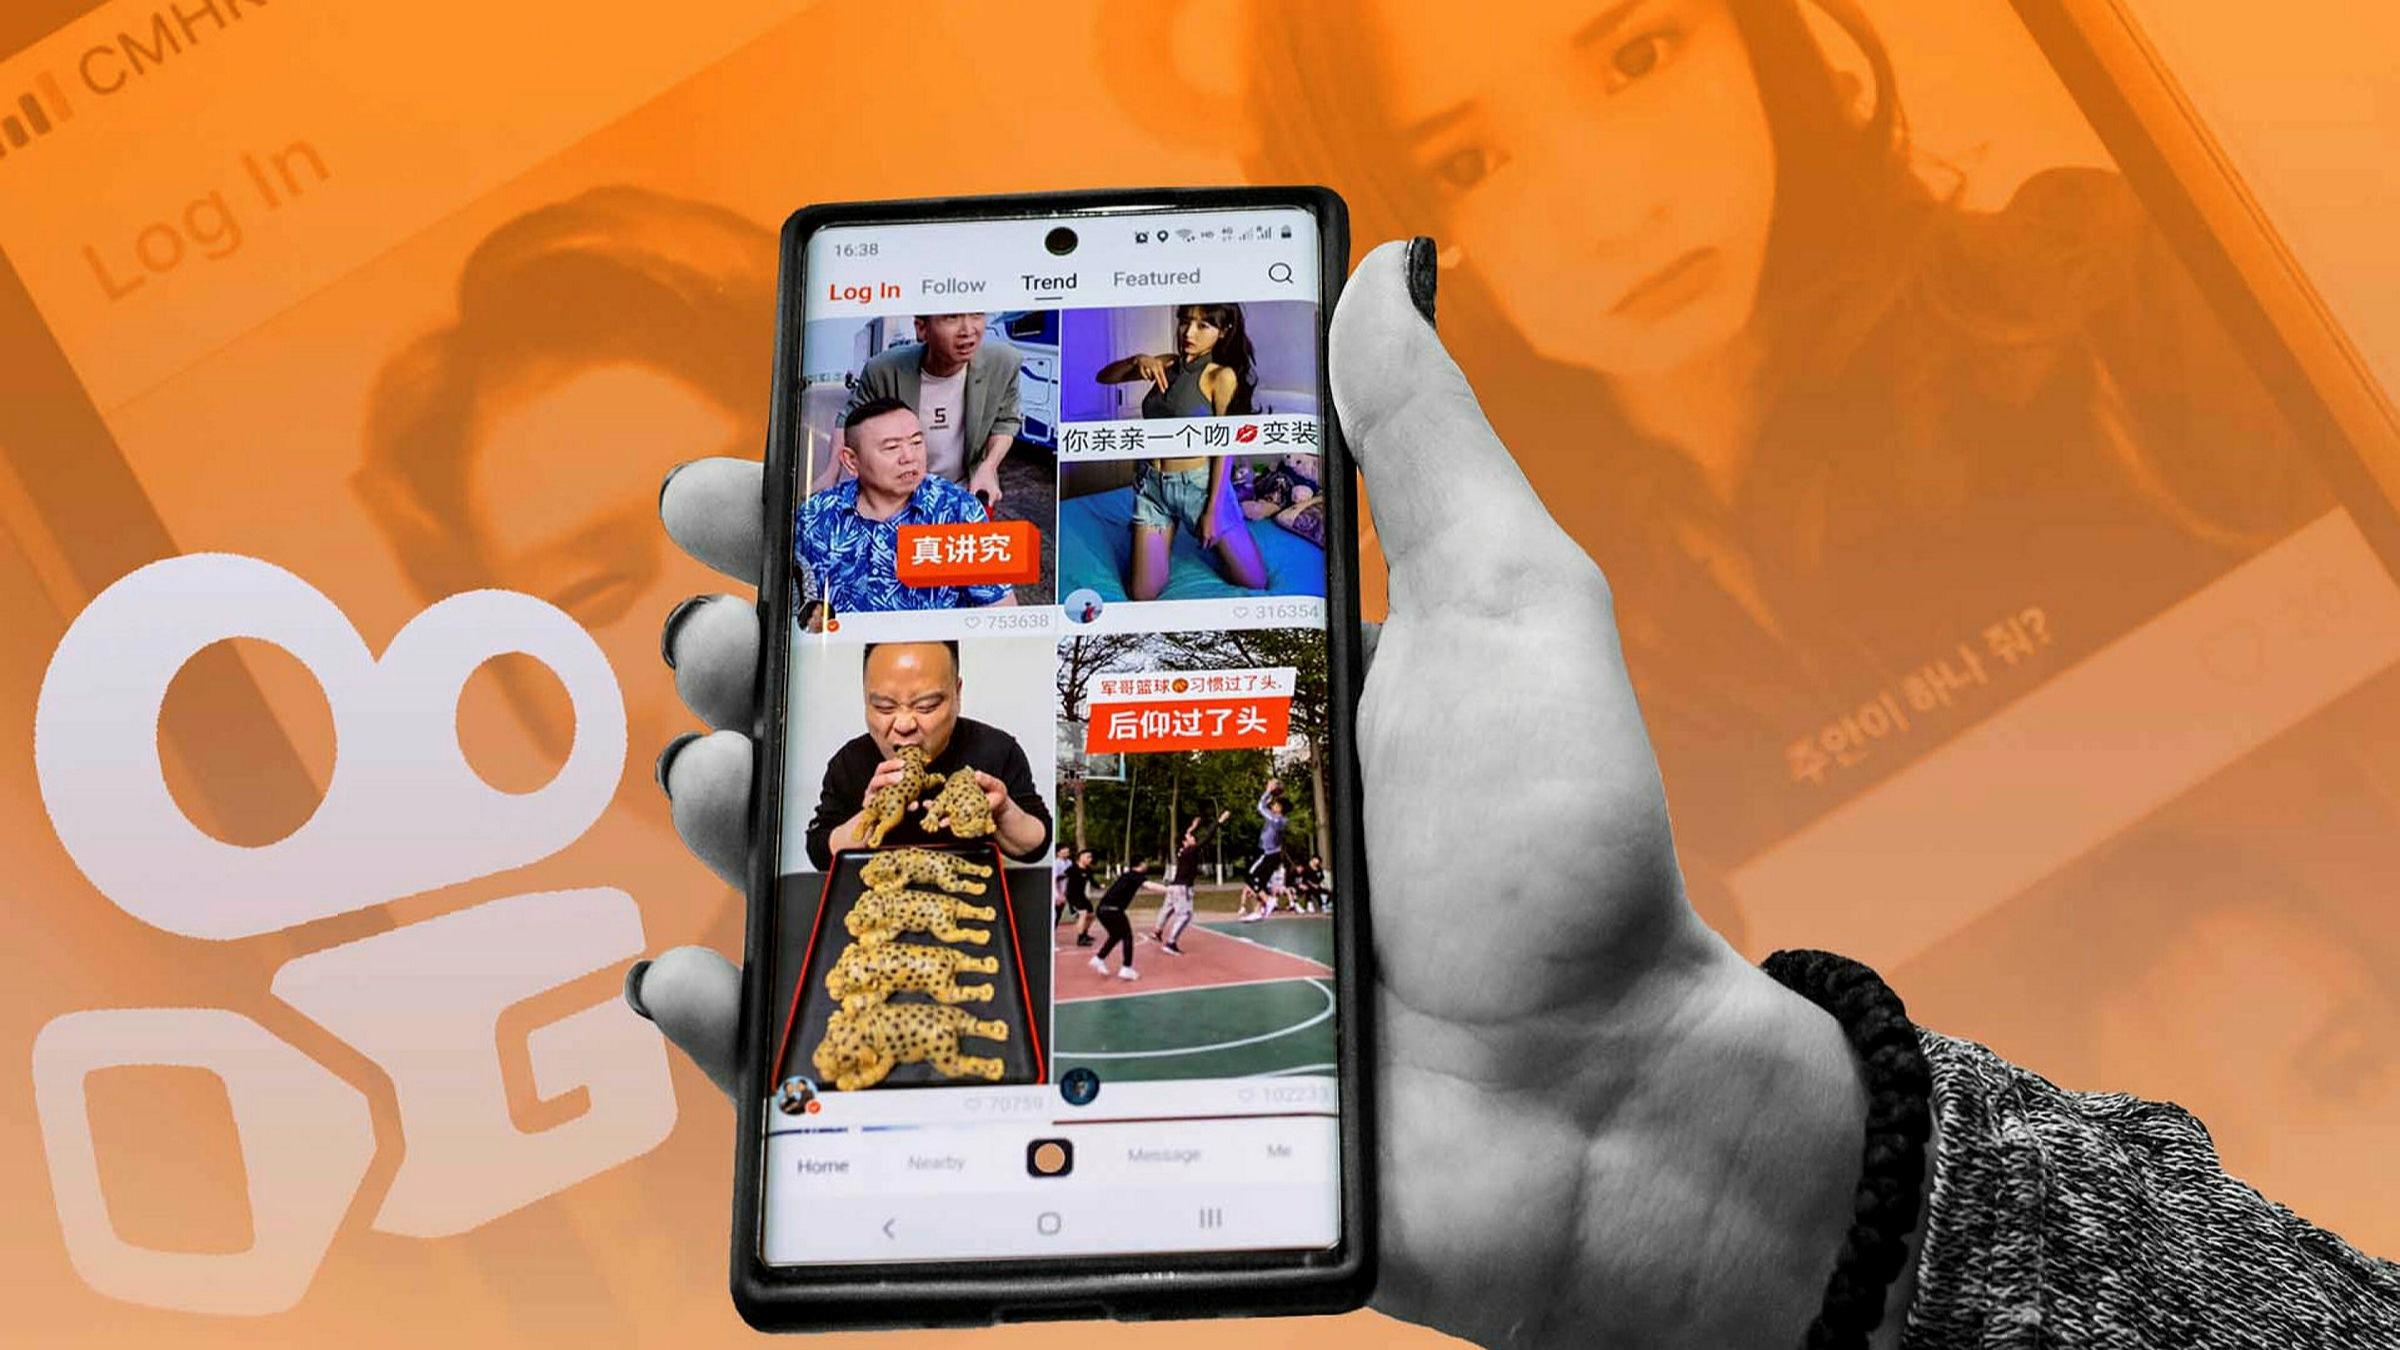 Tại Trung Quốc, Kuaishou hiện đang có khoảng 300 triệu người dùng hàng ngày.